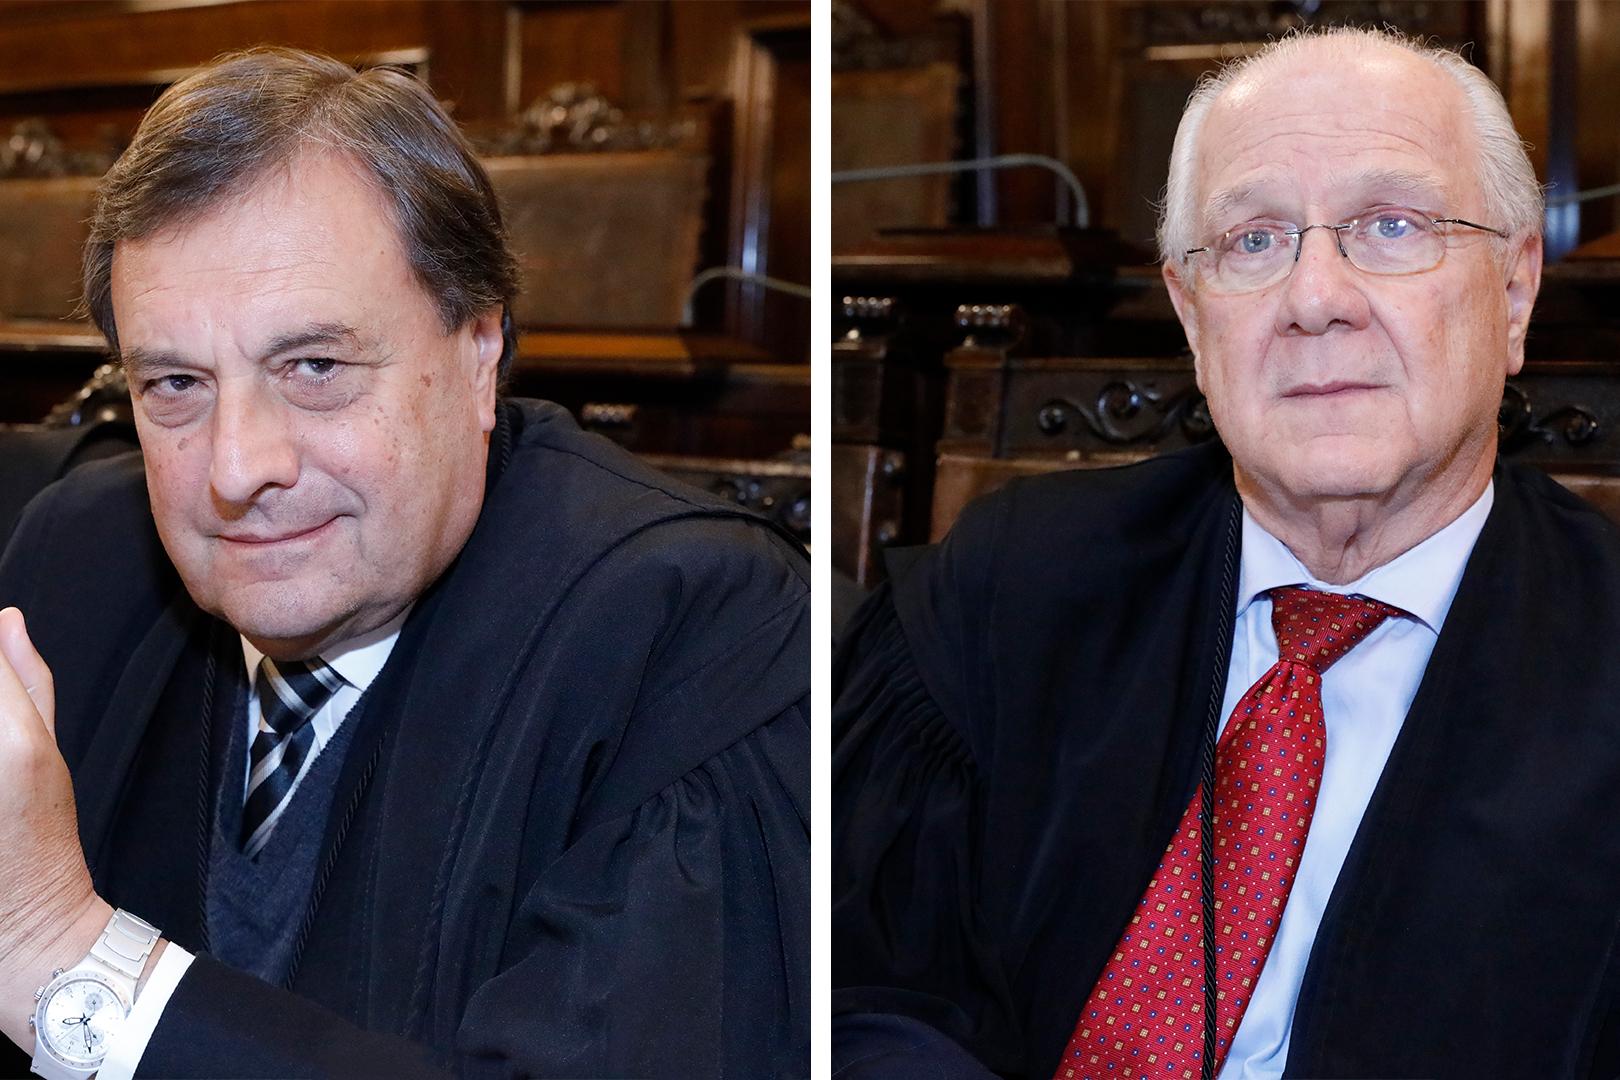 Desembargadores João Negrini Filho e Borelli Thomaz são homenageados no Órgão Especial